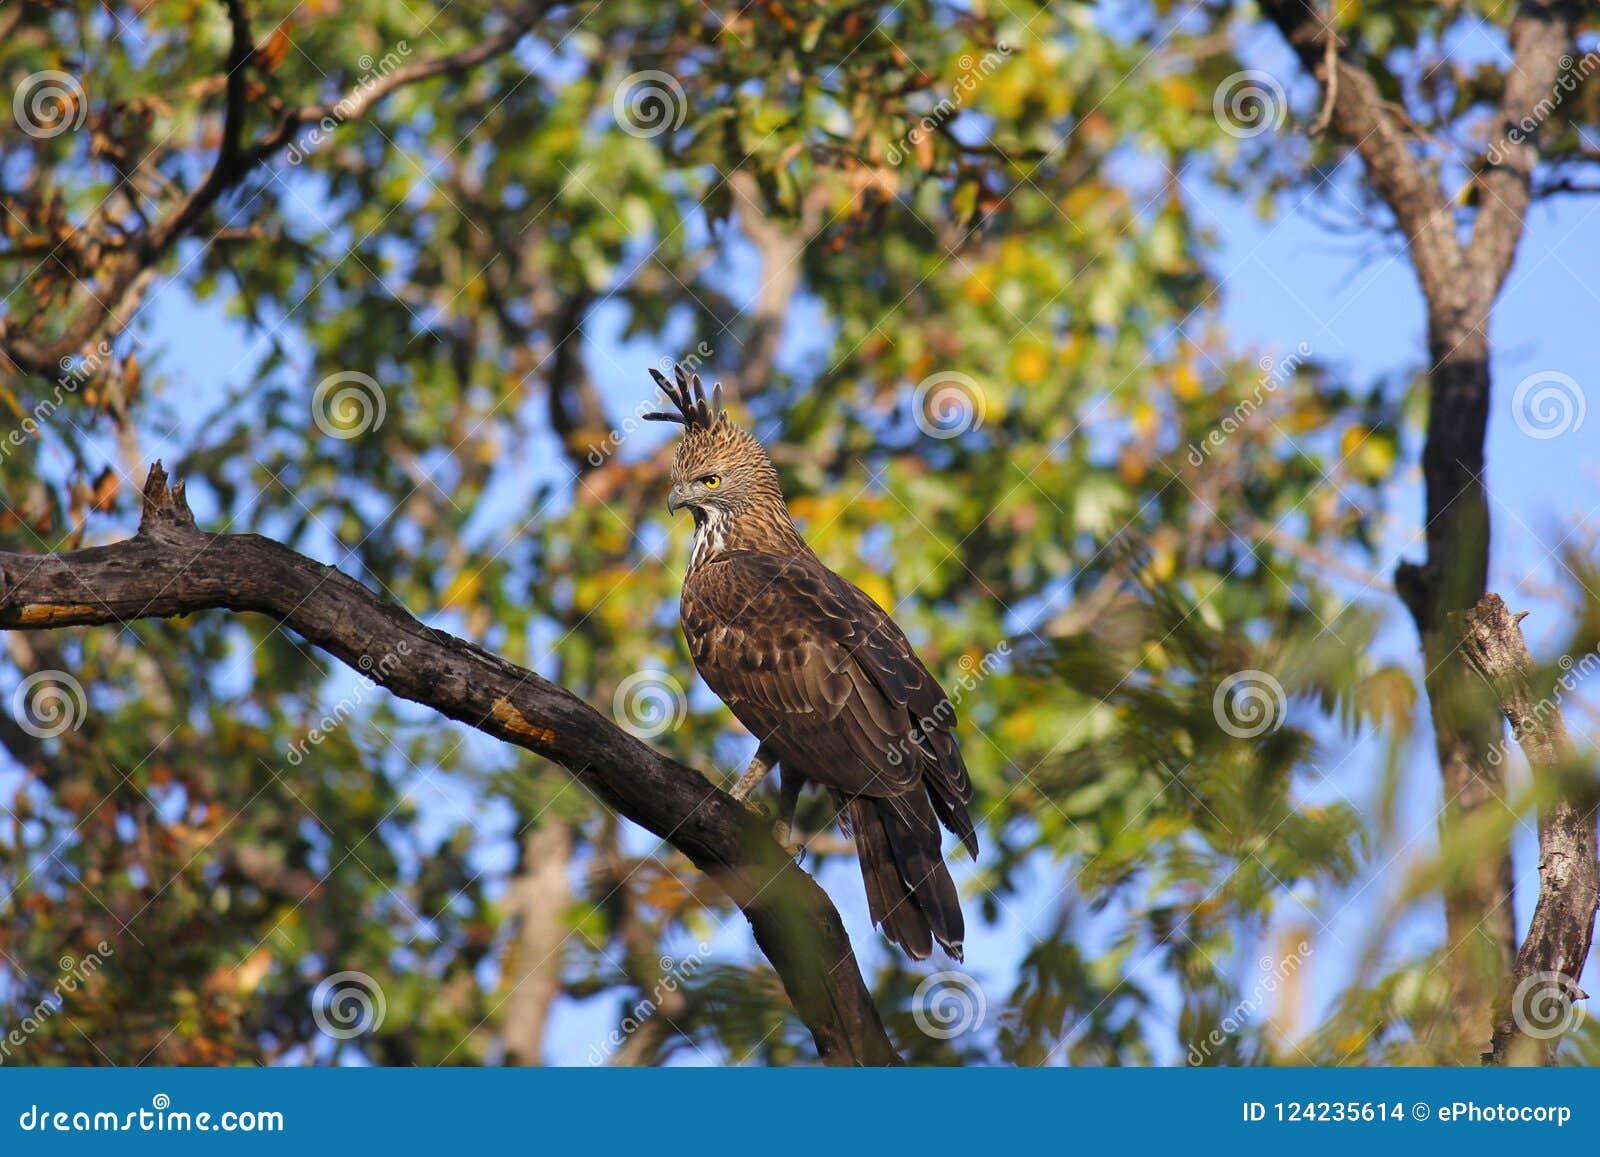 多变的鹰老鹰, Nisaetus cirrhatus 有顶饰鹰老鹰 Kanha老虎储备,中央邦,印度